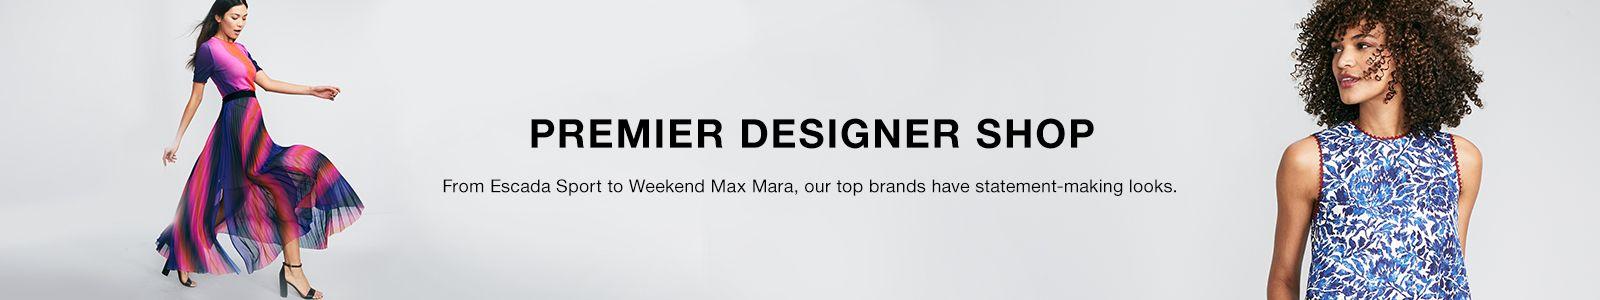 Premier Designer Shop